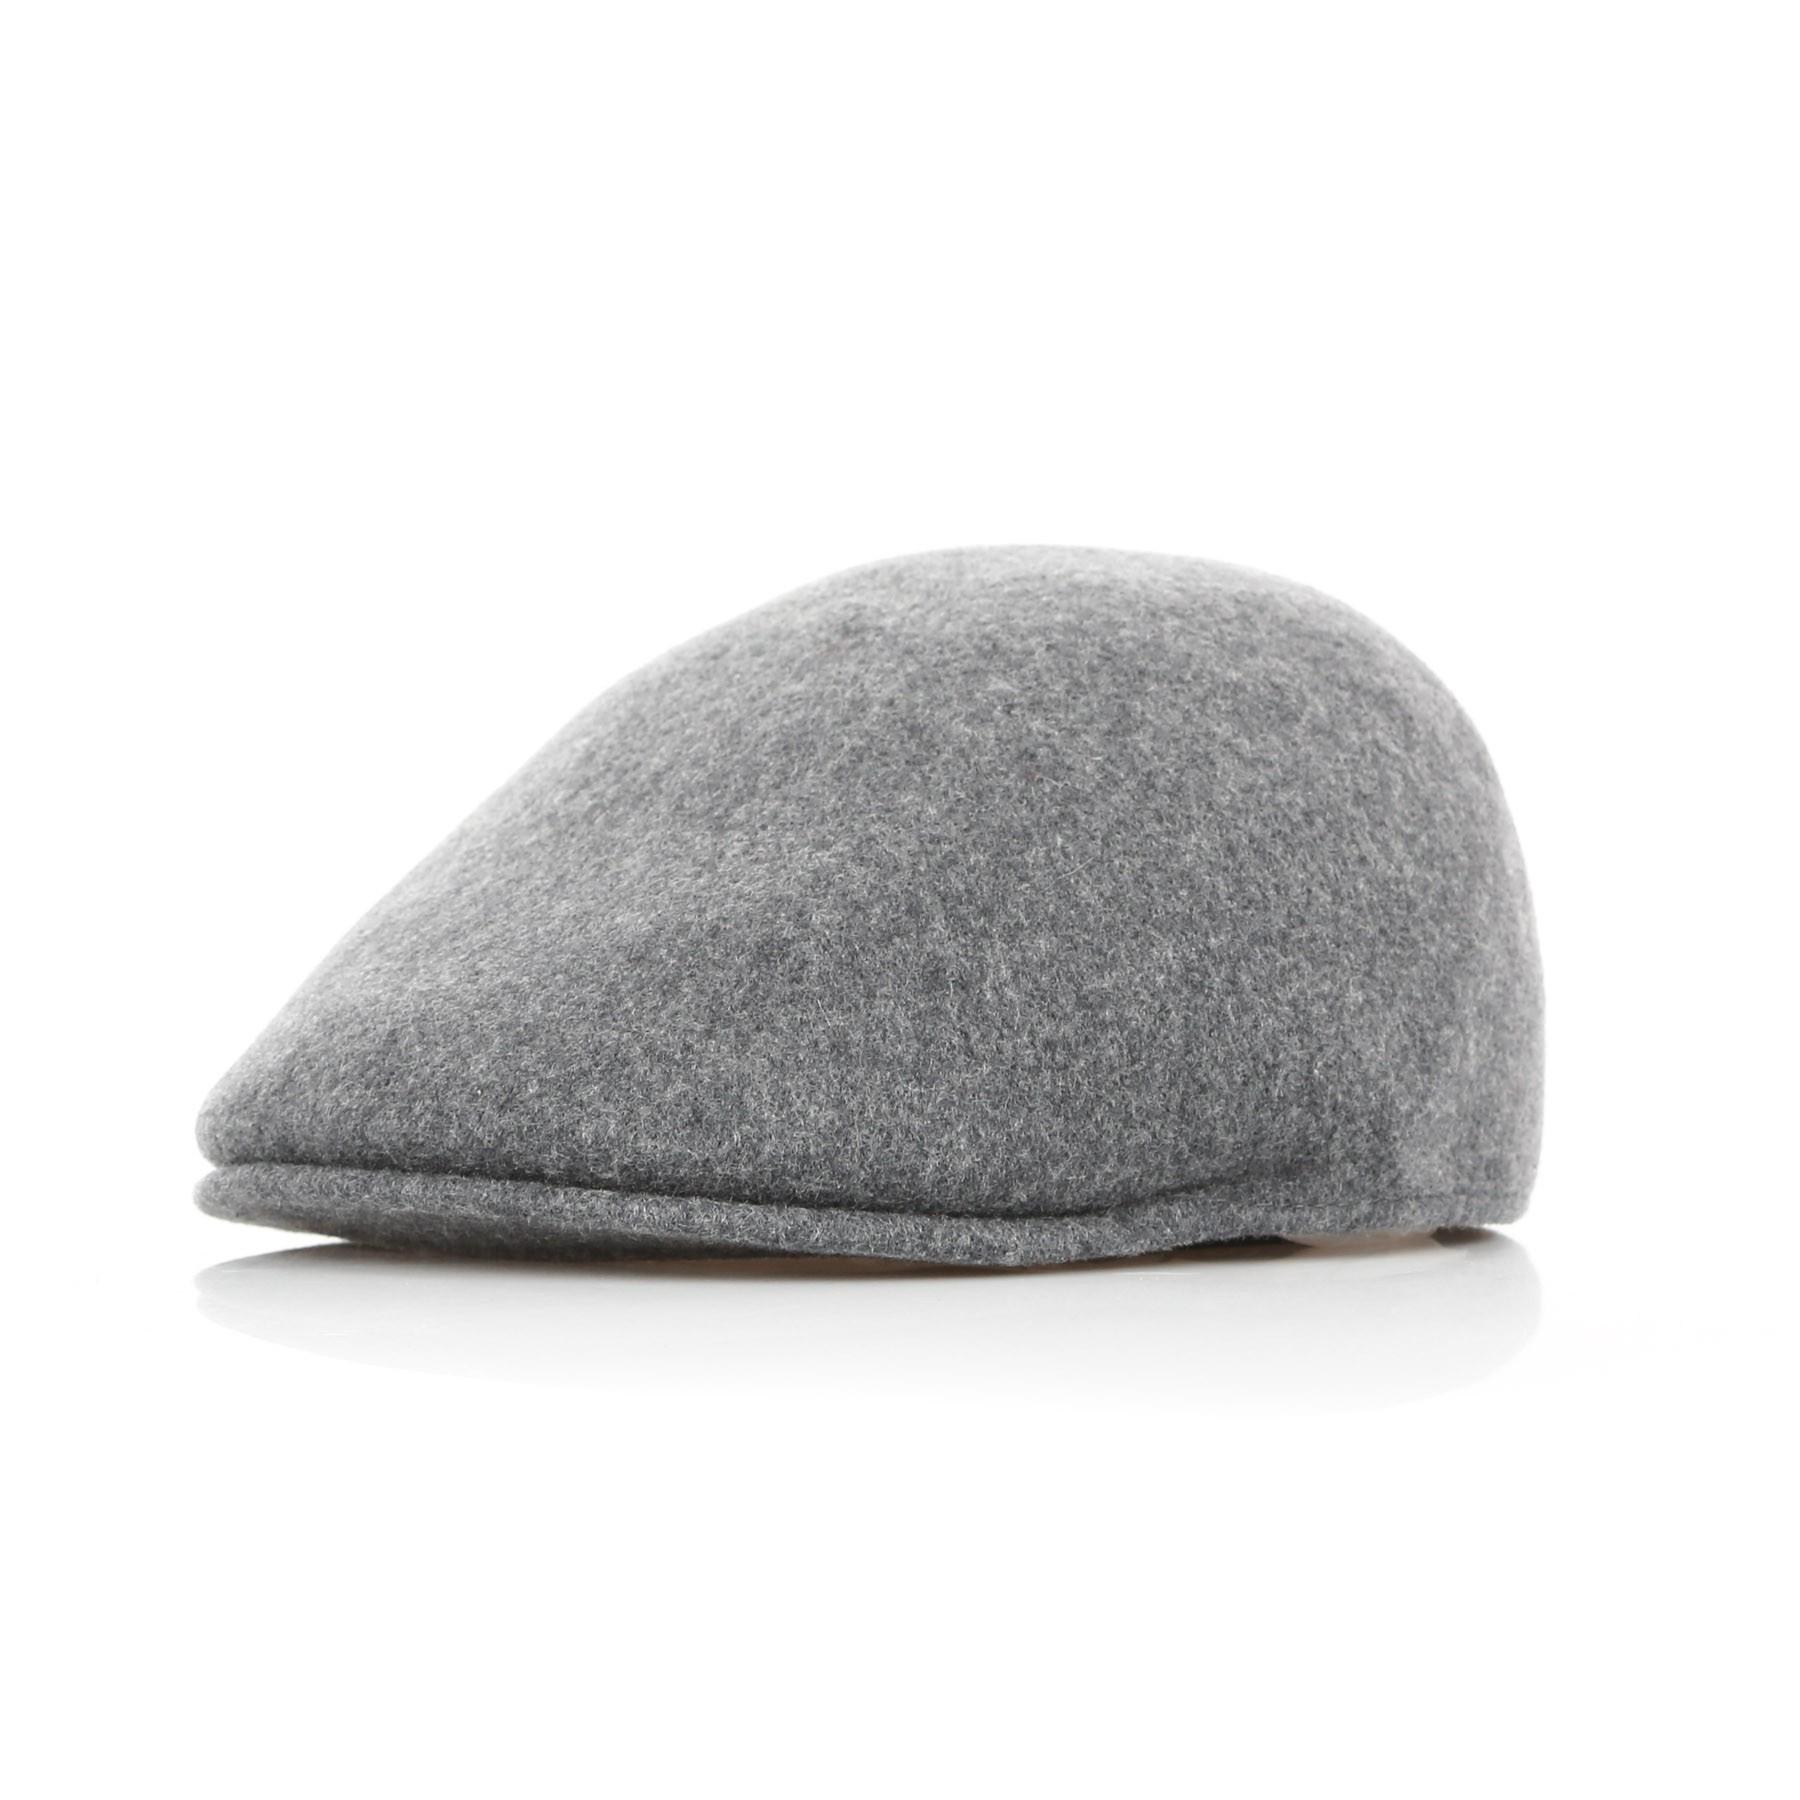 Flannel  KANGOL  Wool  Seamless  507  Cap